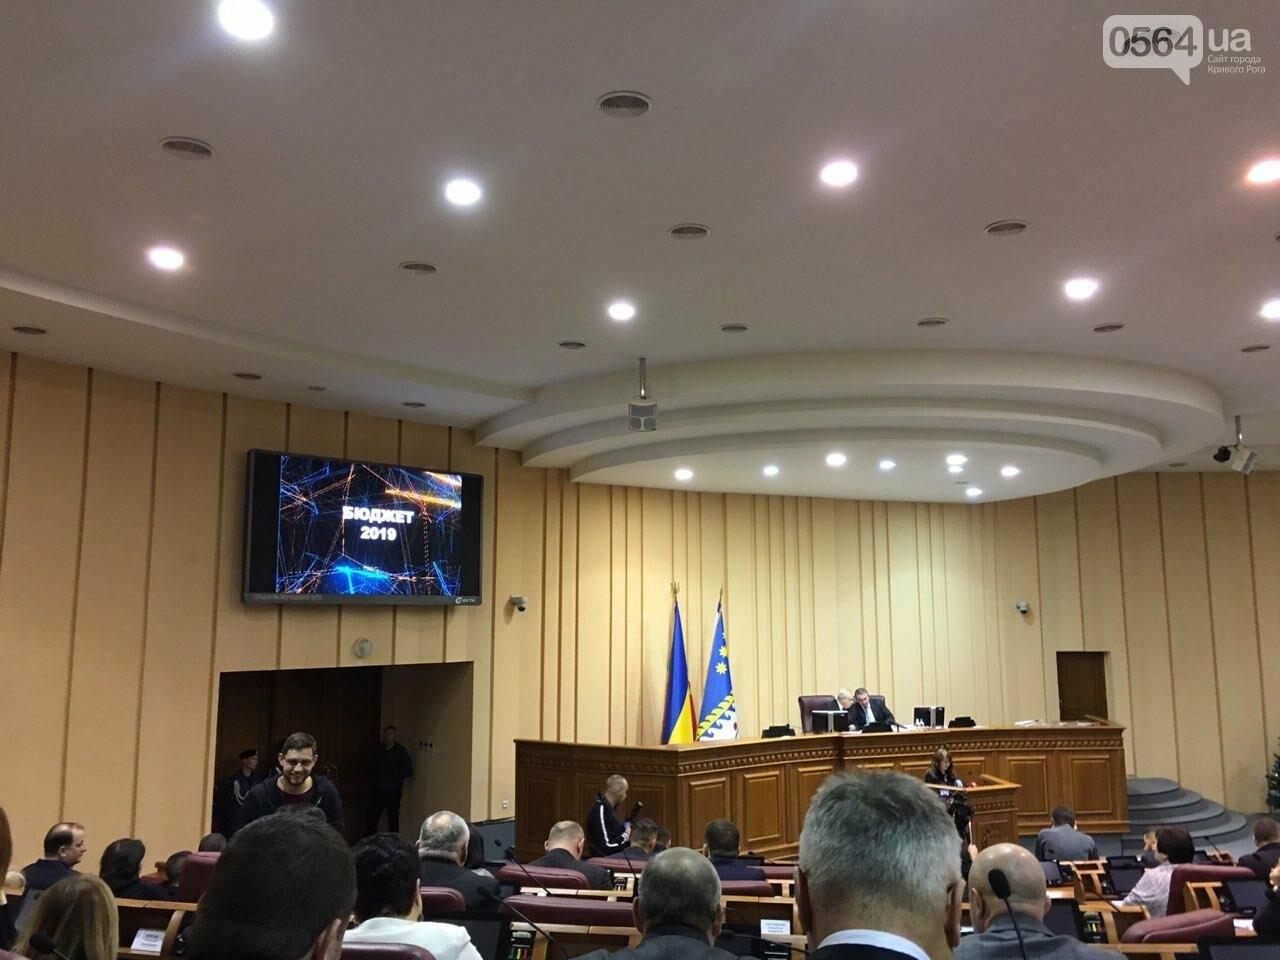 На что криворожские депутаты предлагают потратить почти 7,5 миллиардов из бюджета города, - ФОТО, фото-1